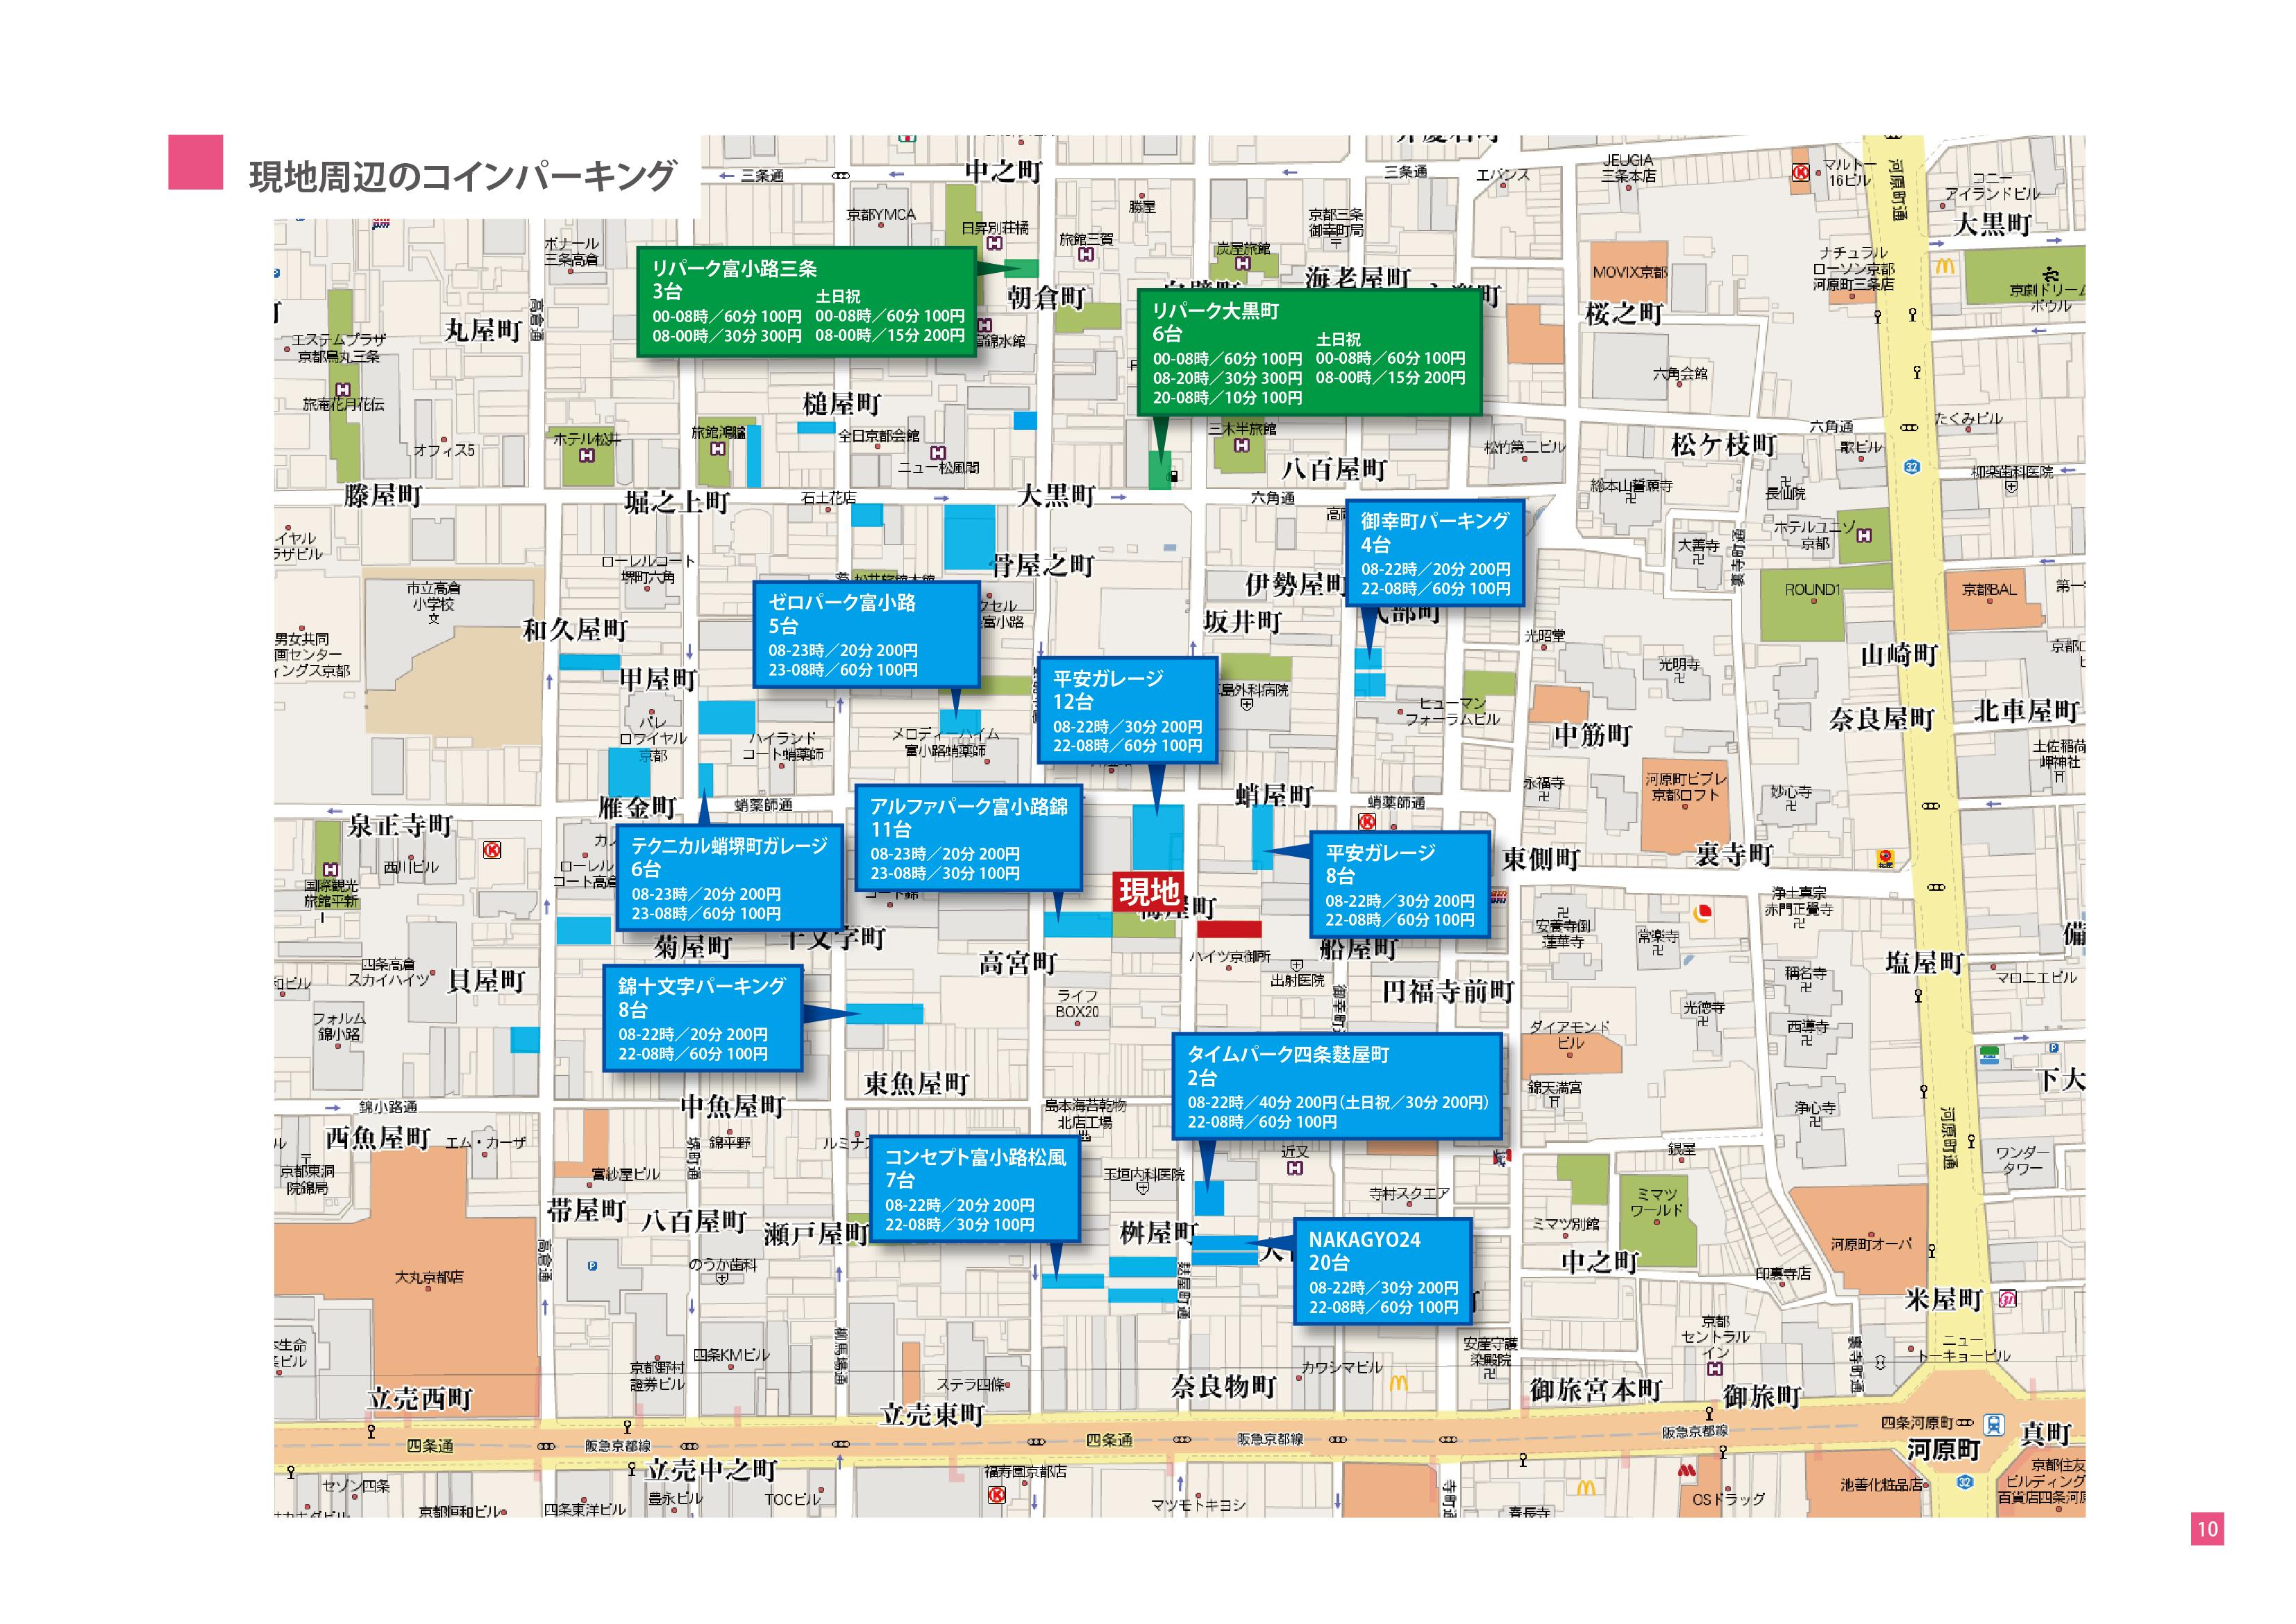 土地有効活用プロジェクト-駐車場経営のご提案-現地周辺のコインパーキング